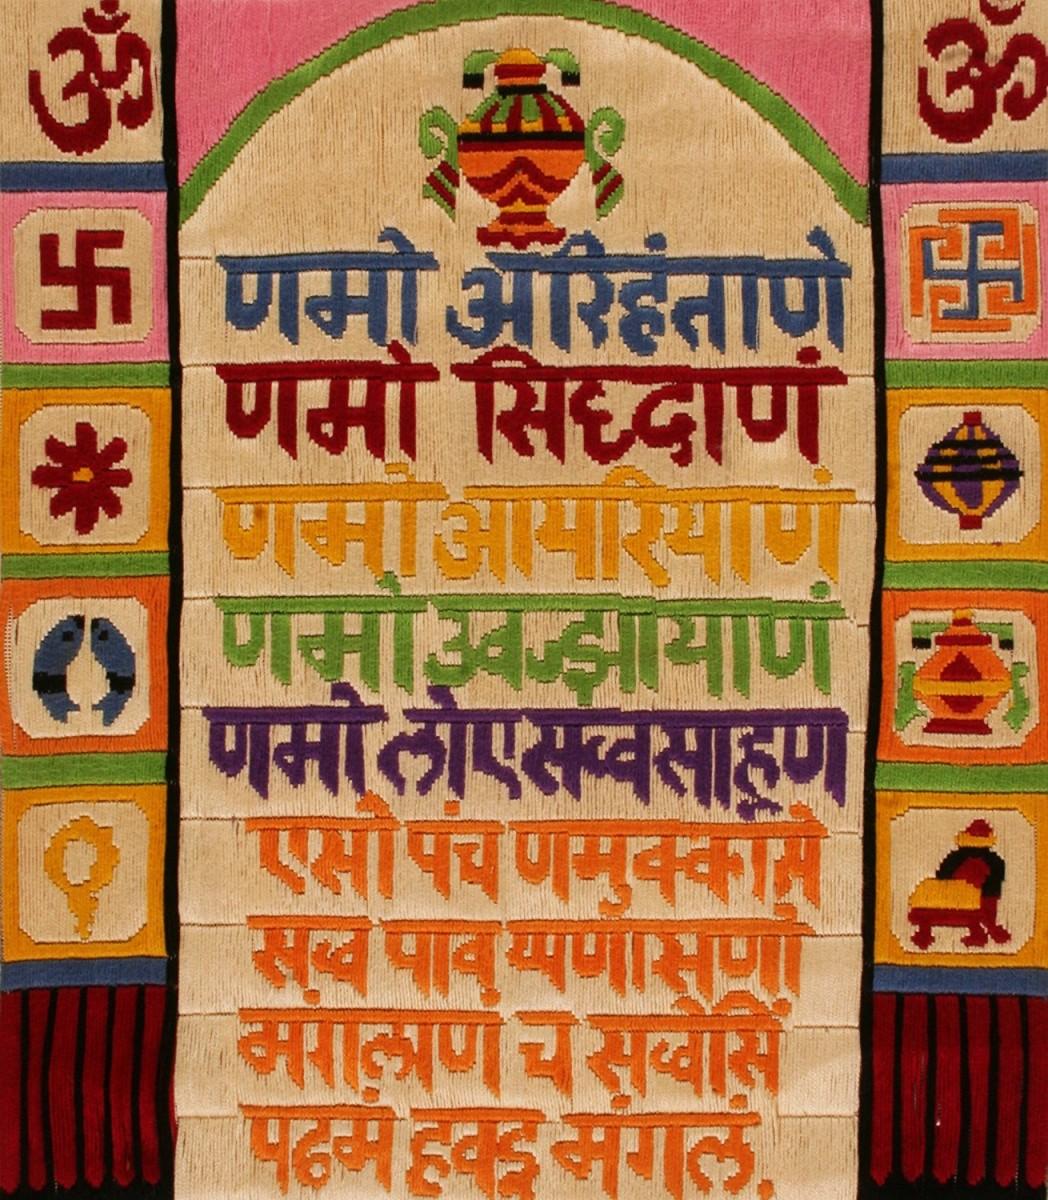 Navkar mantra poster image